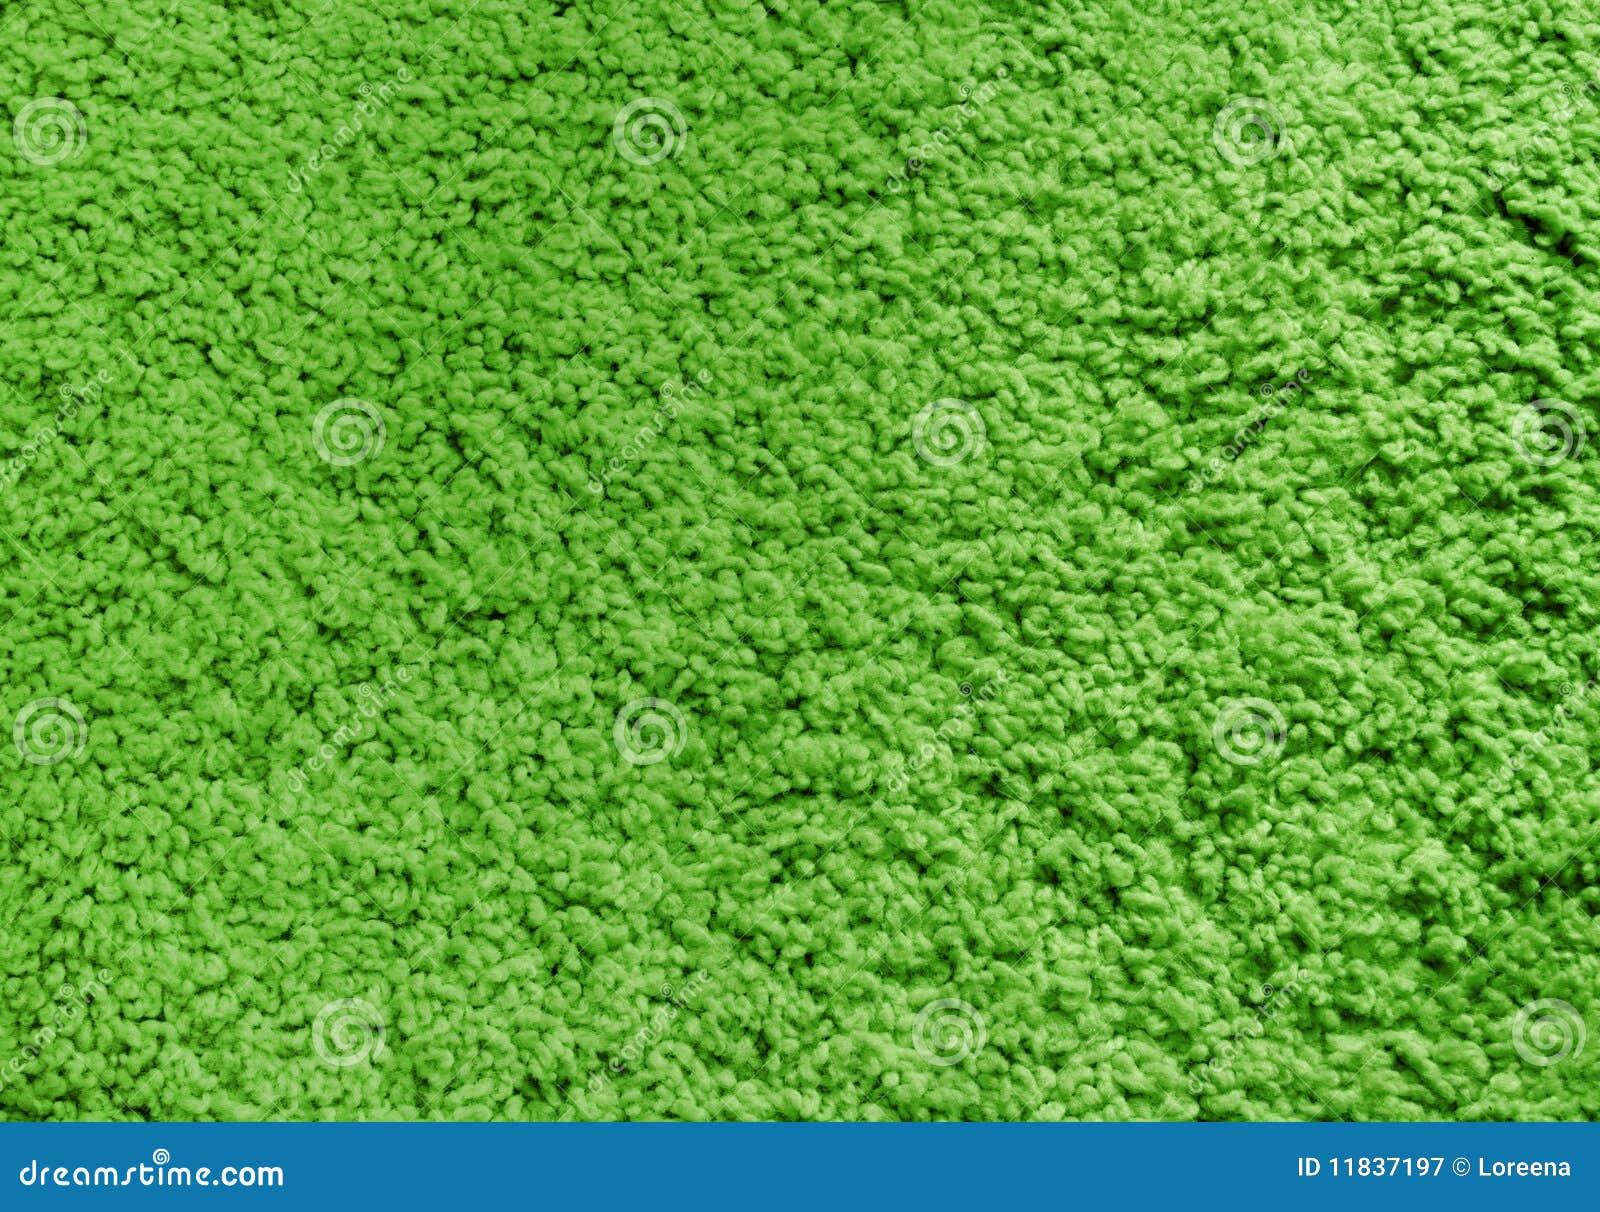 Grüner teppich  Grüner Teppich Lizenzfreie Stockfotografie - Bild: 11837197